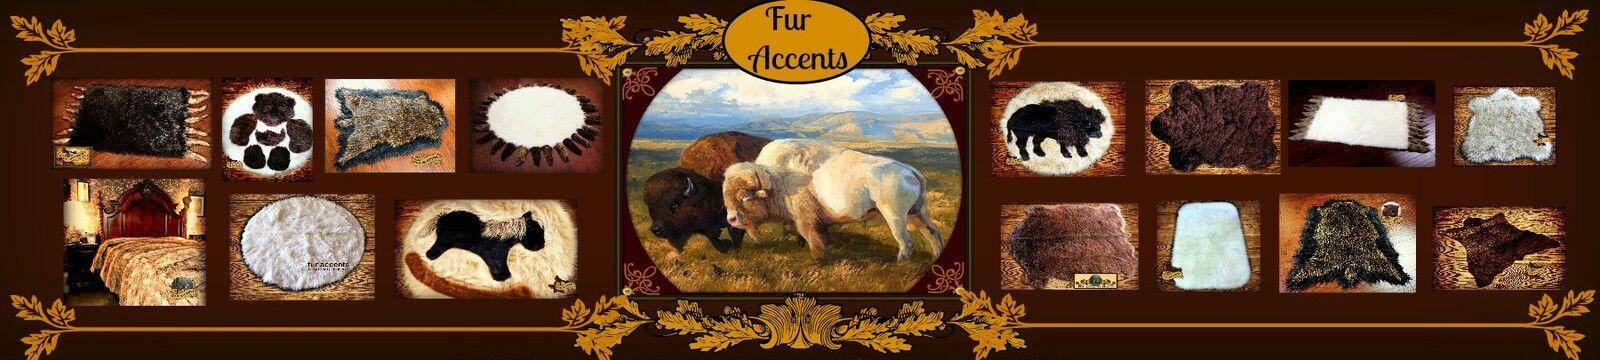 Fur Accents LLC